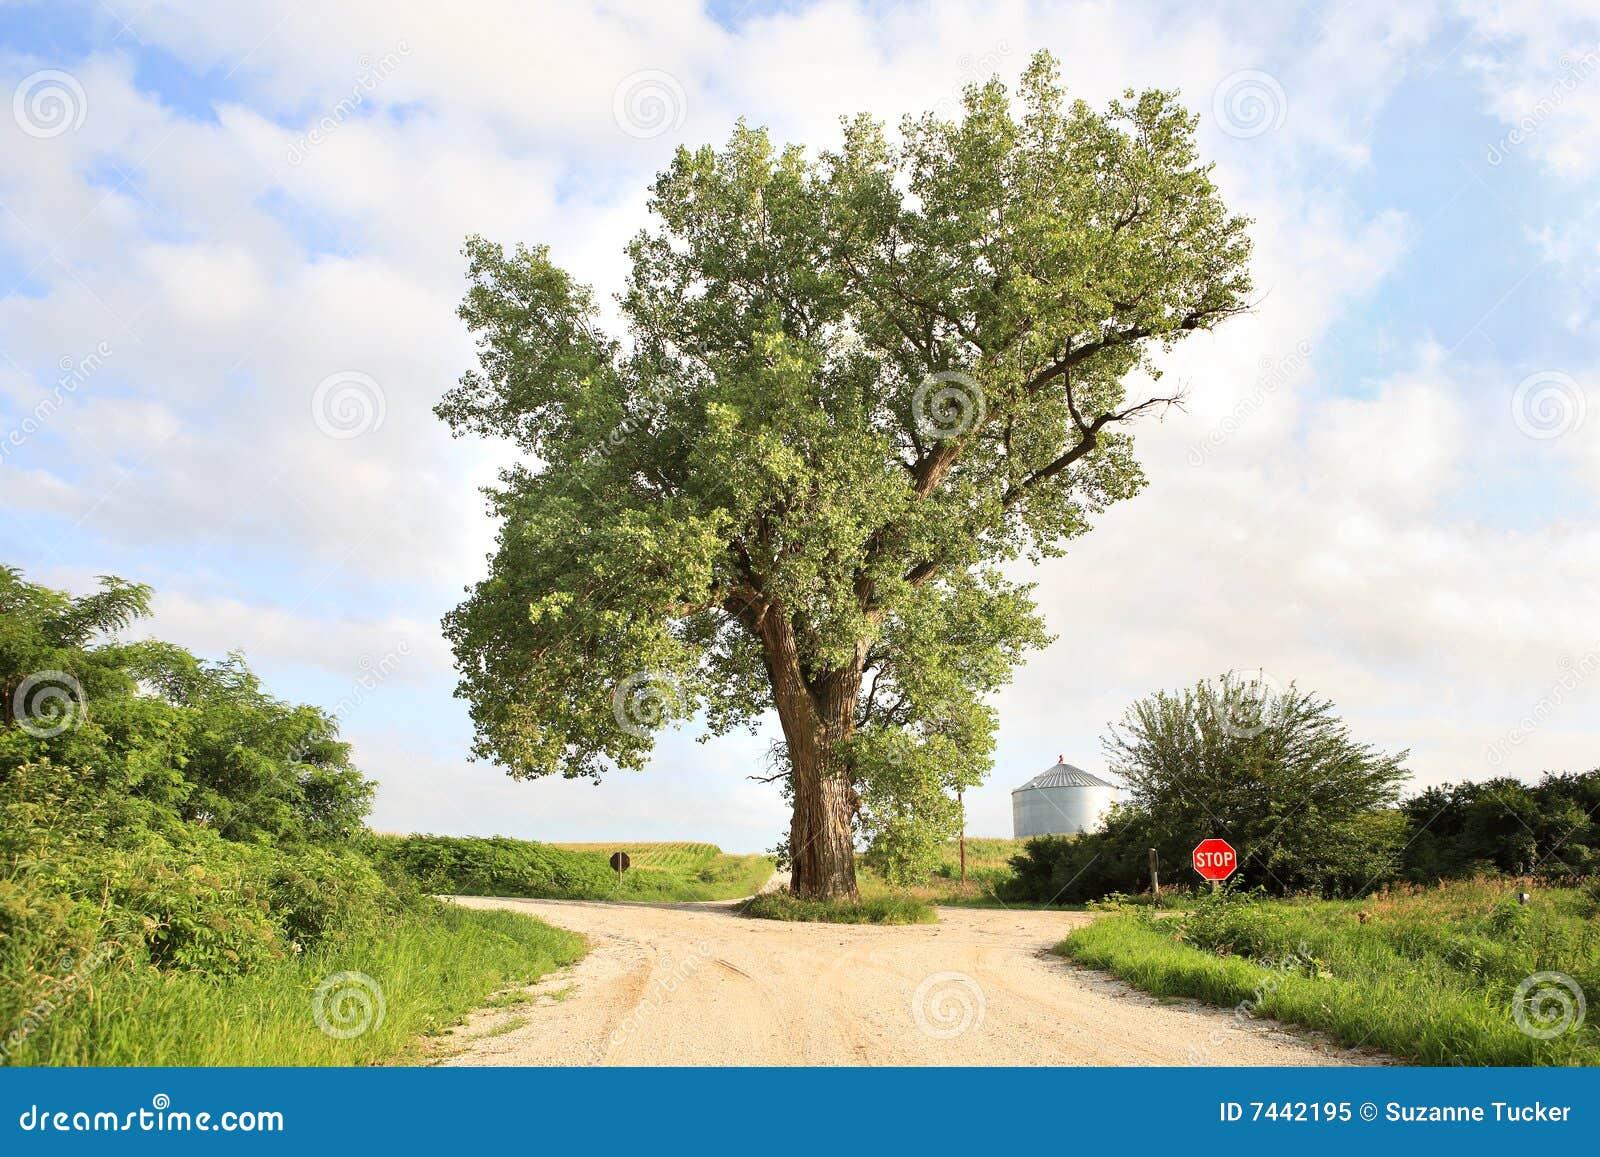 El árbol En El Medio Del Camino Imagen De Archivo Imagen De Condado Camino 7442195